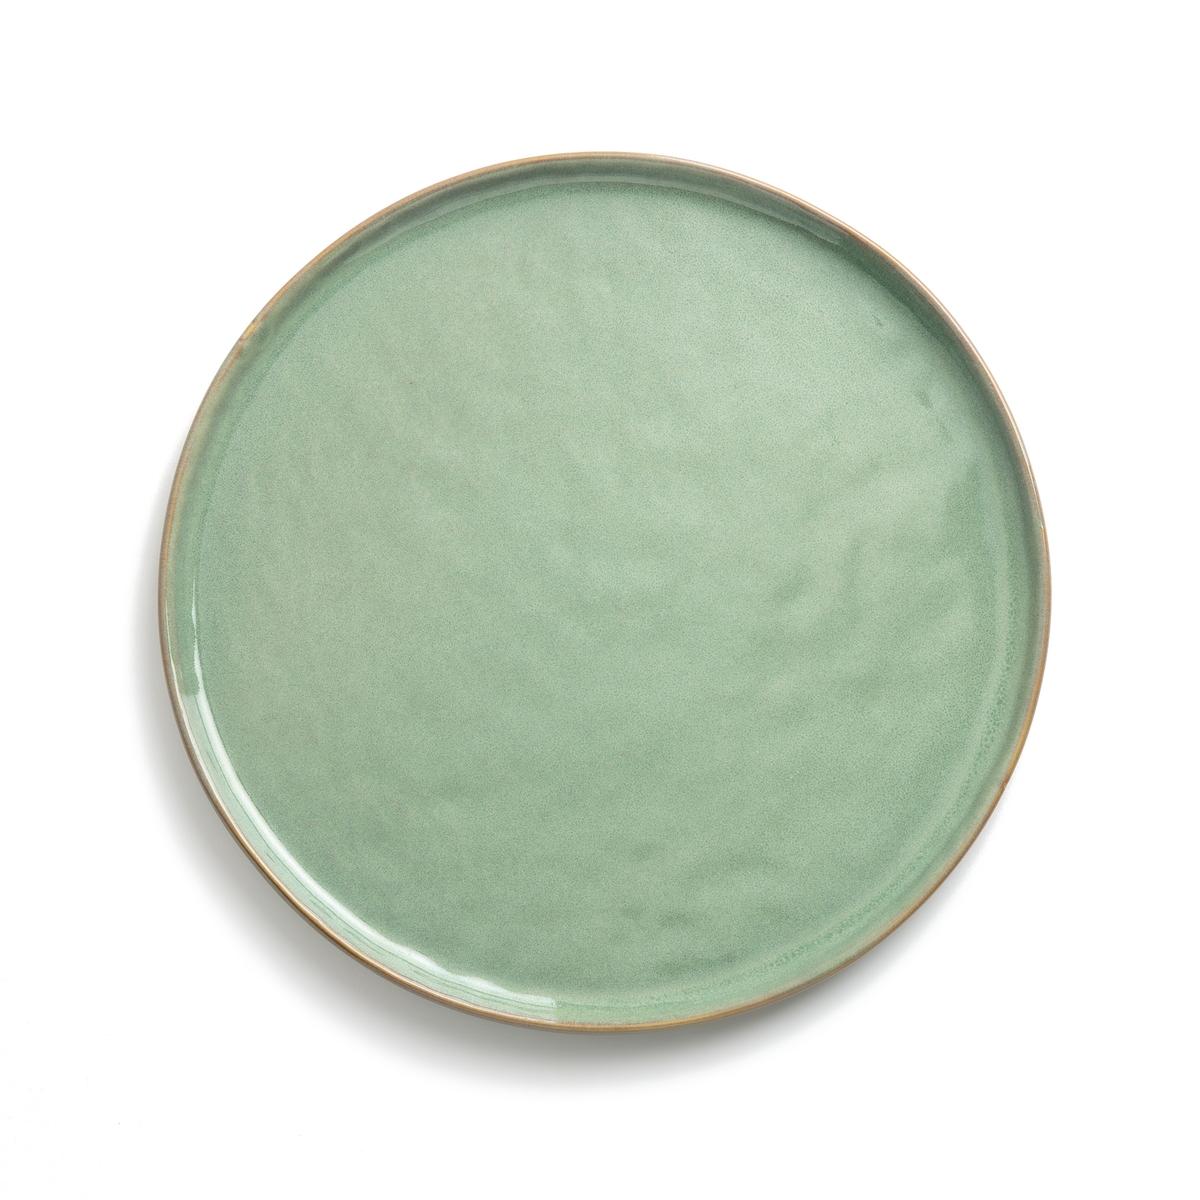 Тарелка из керамики, ?27 см, PURE, дизайн П.Нессенса для Serax4 мелкие тарелки из керамики Pure для Serax. Паскаль Нессенс создал Pure, свою первую коллекцию столовых сервизов. Чистое воплощение аутентичности и теплоты, рожденные из органических форм и натуральных материалов.Характеристики :- Из керамики, покрытой глазурью.- Можно использовать в микроволновой печи и мыть в посудомоечной машине.- Миска и десертная тарелка того же комплекта представлены на нашем сайте.Размеры :- ?27 x В1,6 см .<br><br>Цвет: зеленый/темно-зеленый